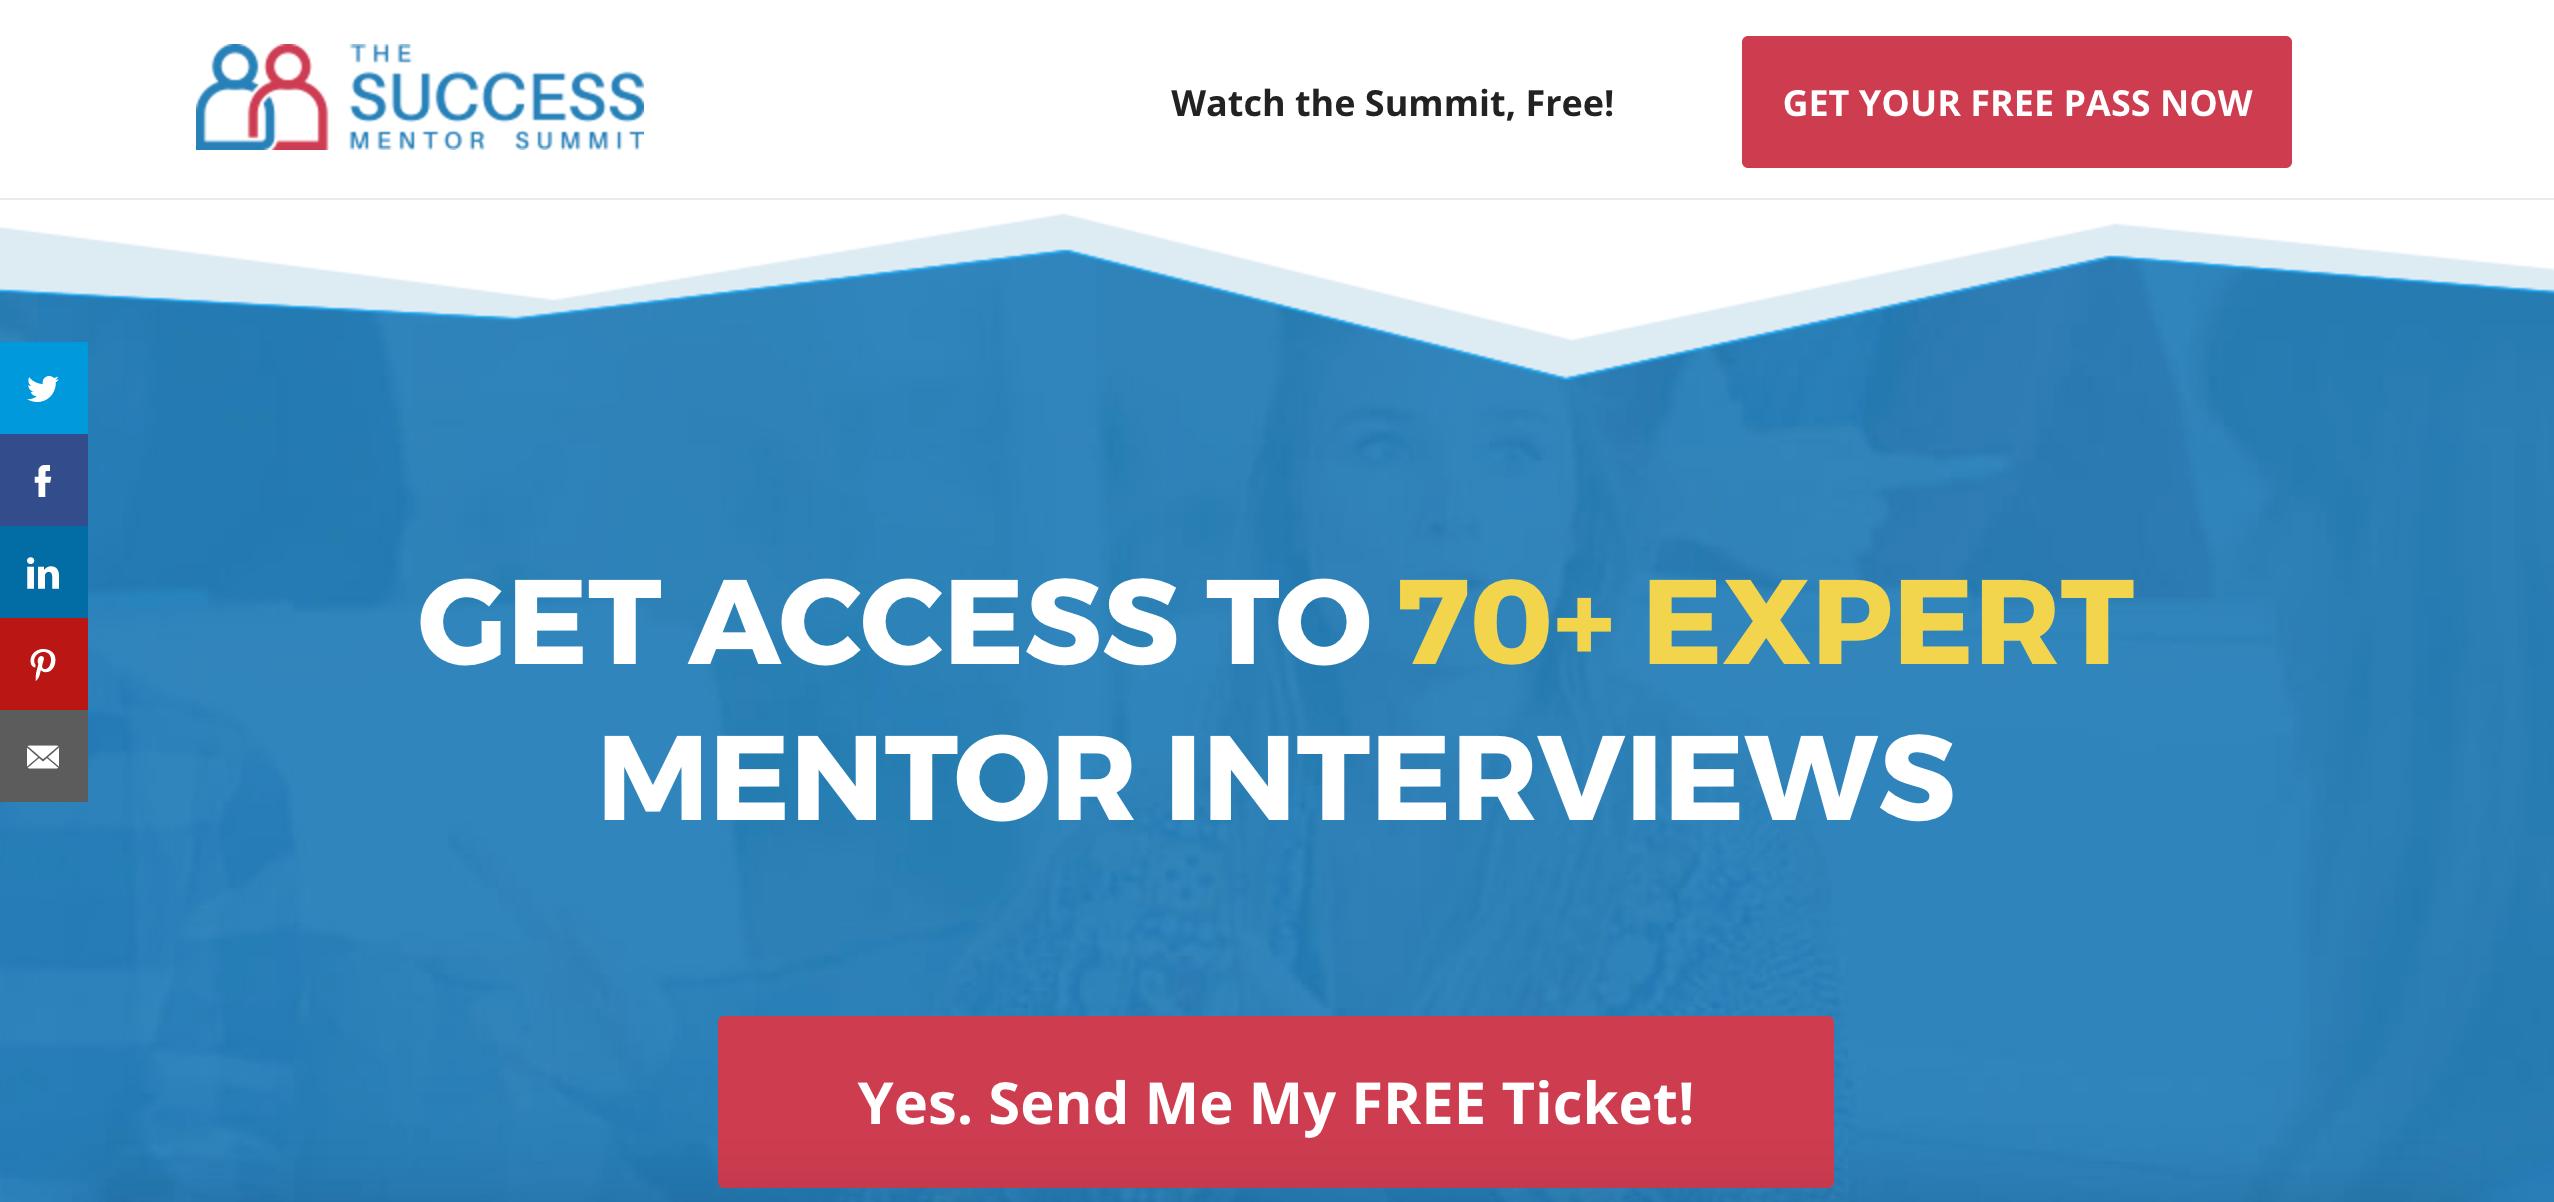 Claire Diaz-Ortiz's Success Mentoring Summit